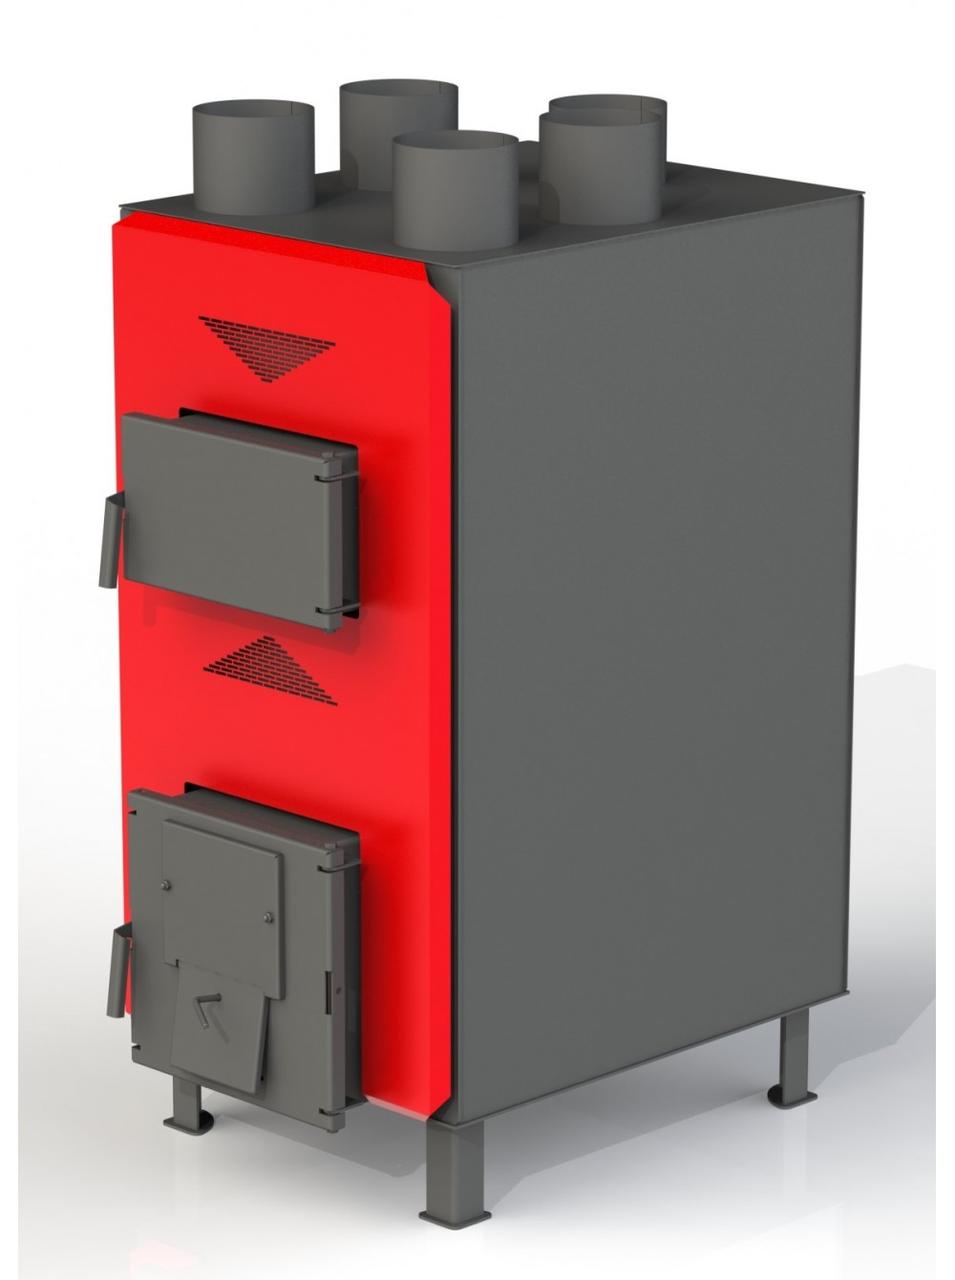 Теплогенератор Dragon ТТГ-РТ 35 кВт (6-2мм) твердотопливный воздушного отопления из котловой стали